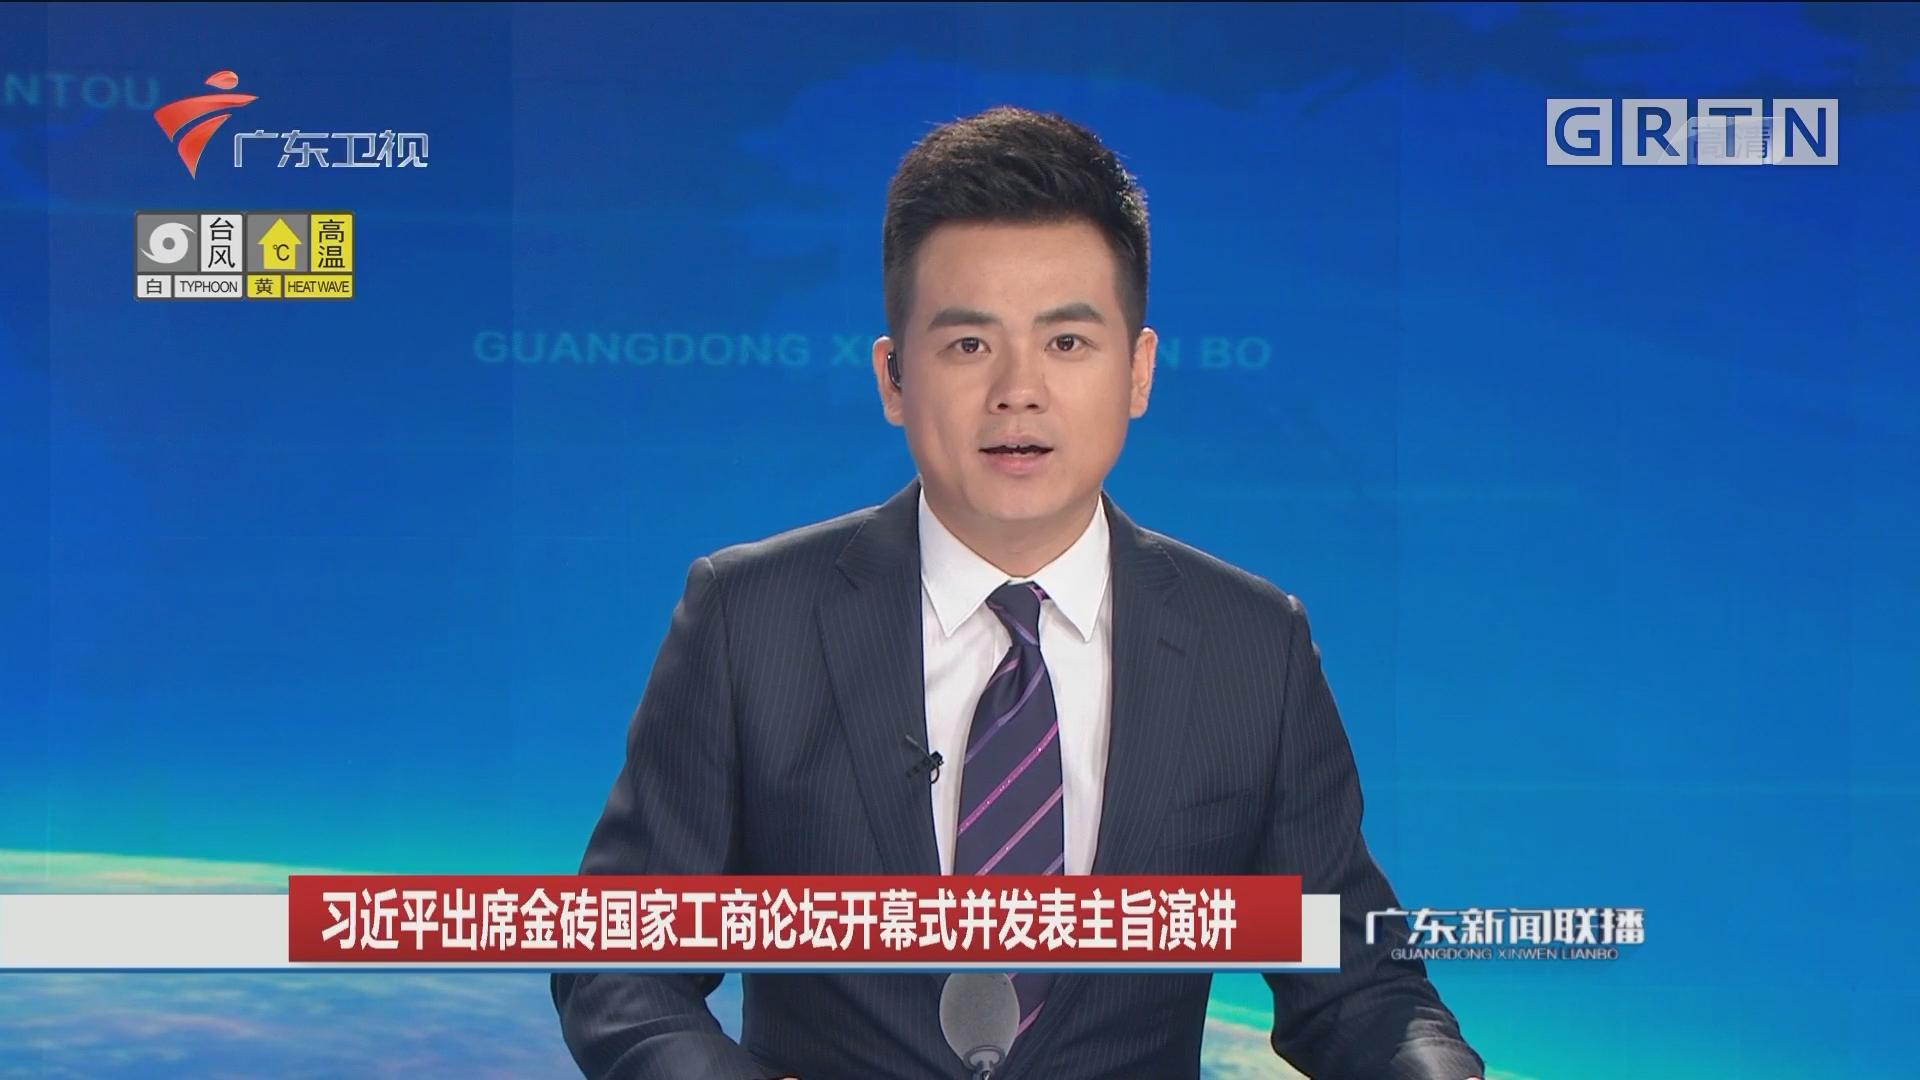 习近平出席金砖国家工商论坛开幕式并发表主旨演讲